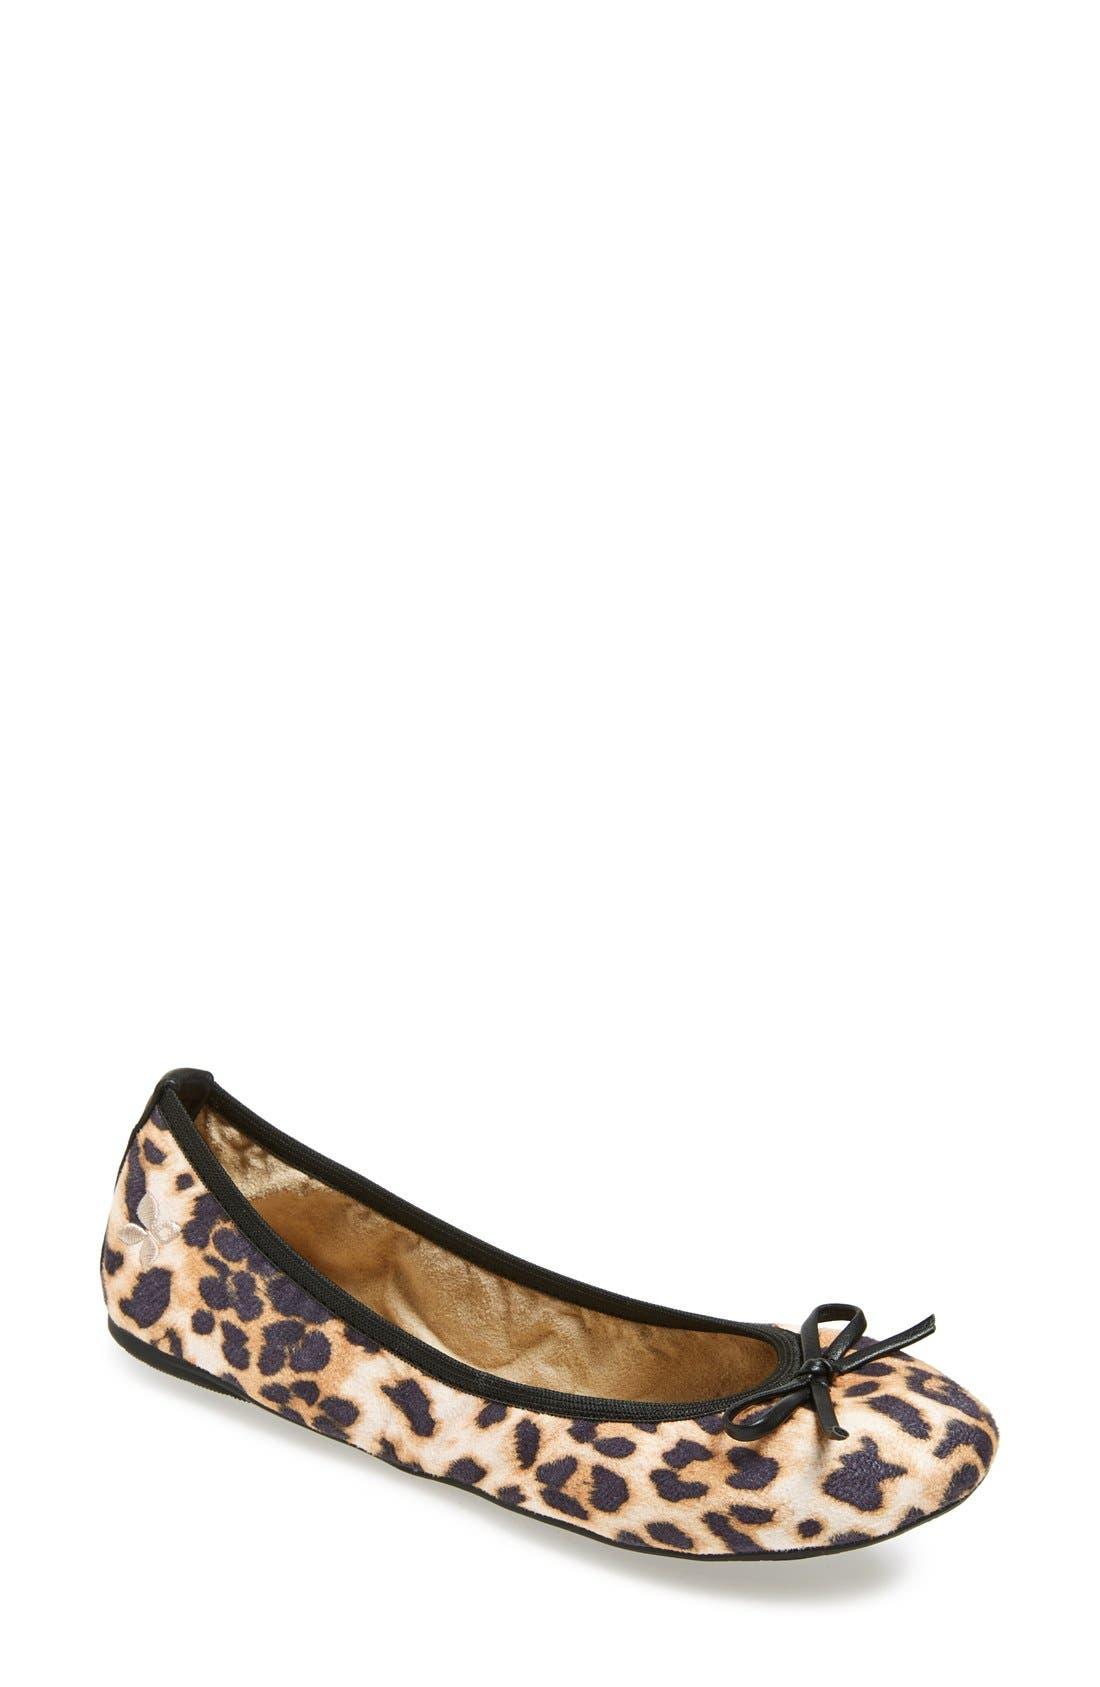 Main Image - Butterfly Twists 'Cleo Leopard' Foldable Ballerina Flat (Women)